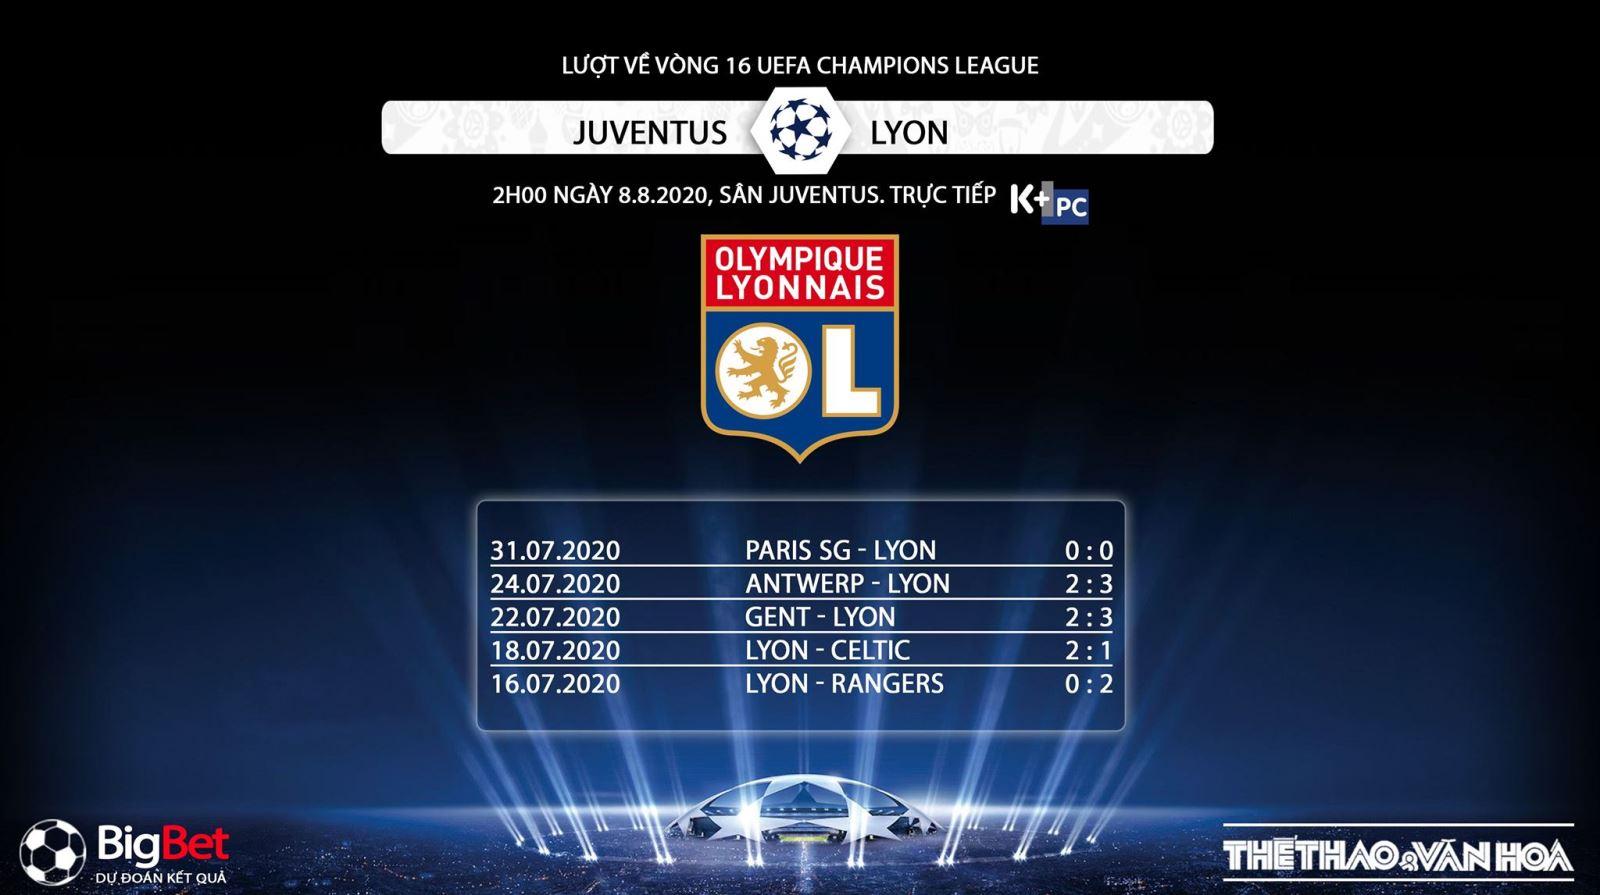 Juventus vs Lyon, Juve, Lyon, trực tiếp bóng đá, trực tiếp, trực tiếp Juventus vs Lyon, soi kèo bóng đá, soi kèo Juventus vs Lyon, kèo bóng đá